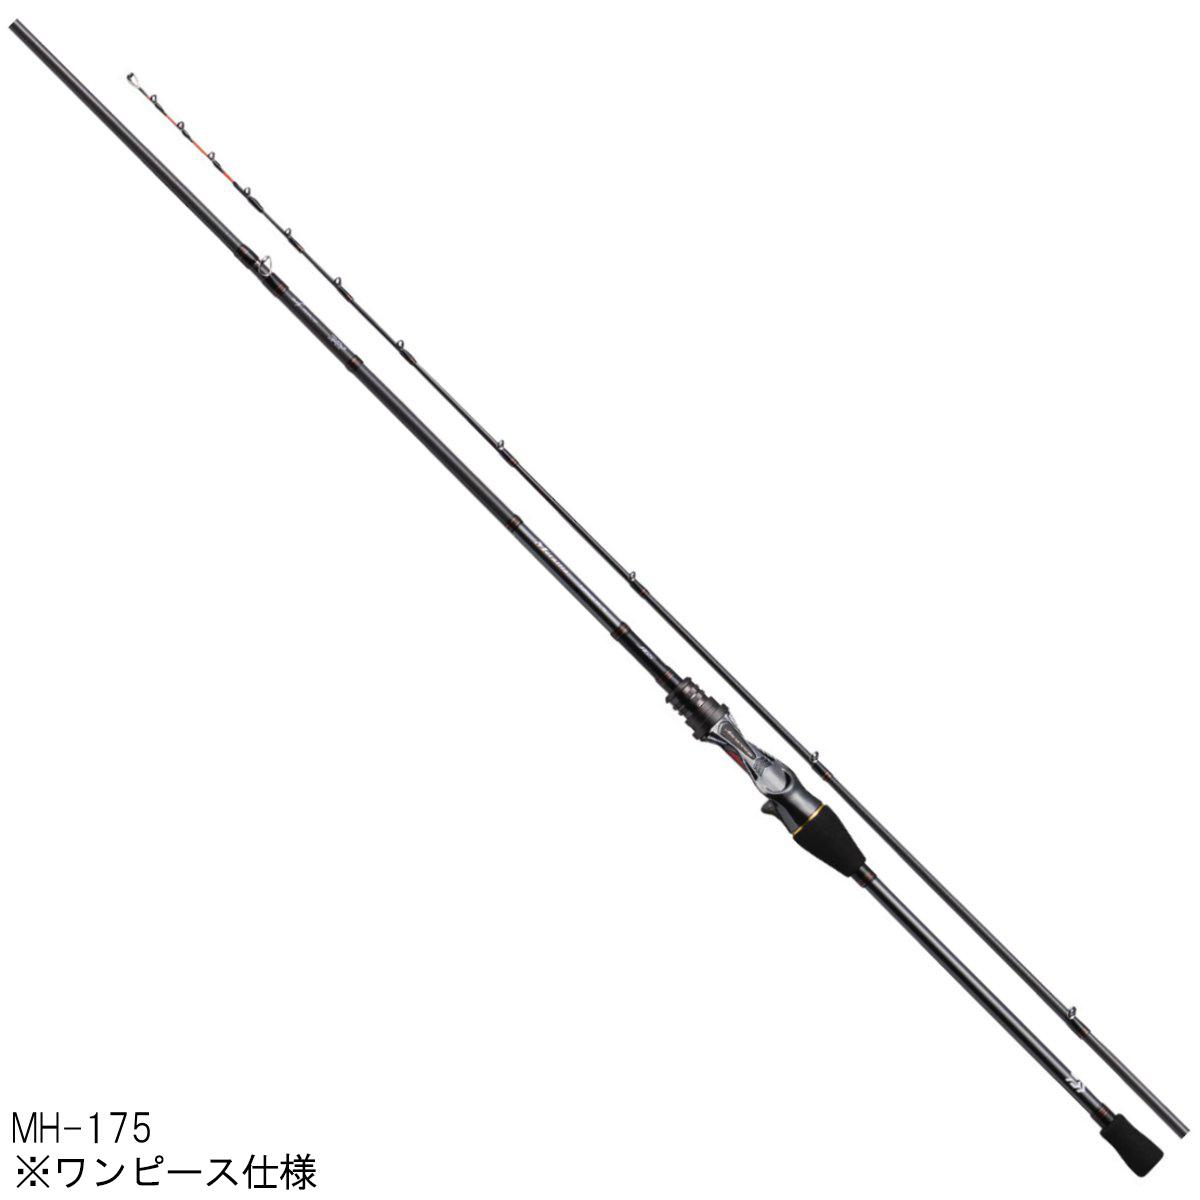 ダイワ メタリア カワハギ MH-175【大型商品】